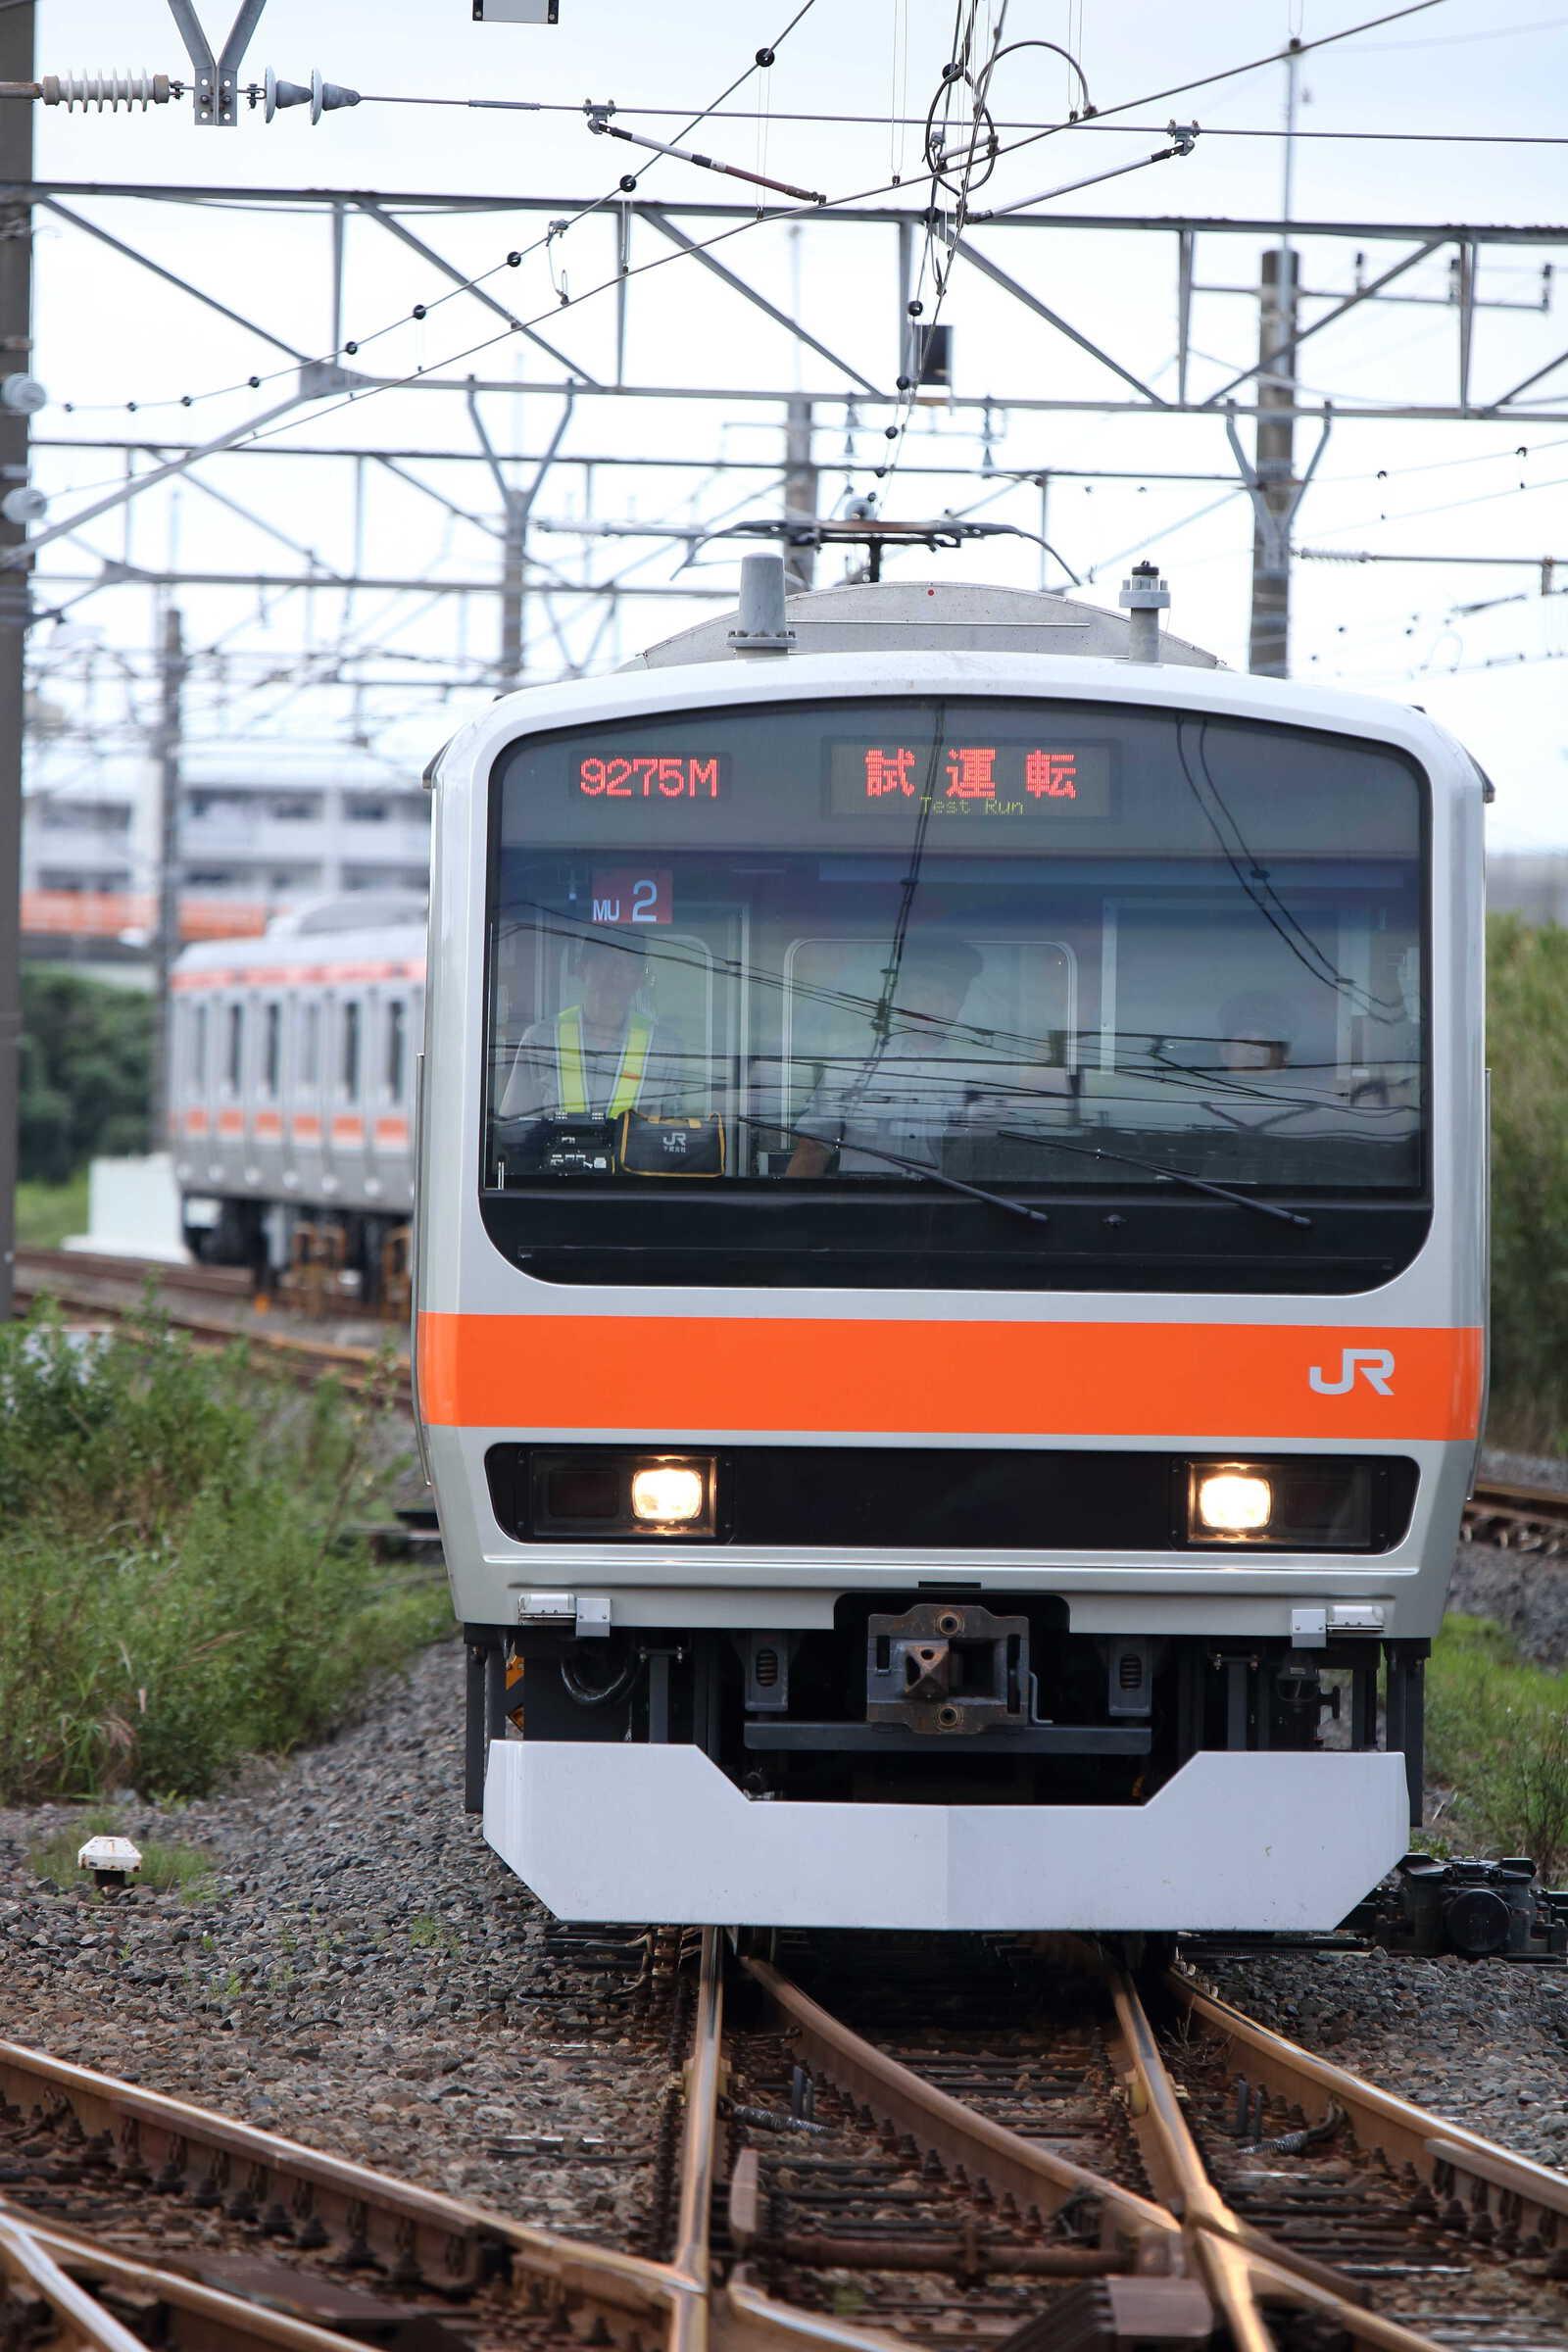 試9275M 性能確認試運転 E231系 千ケヨMU2編成